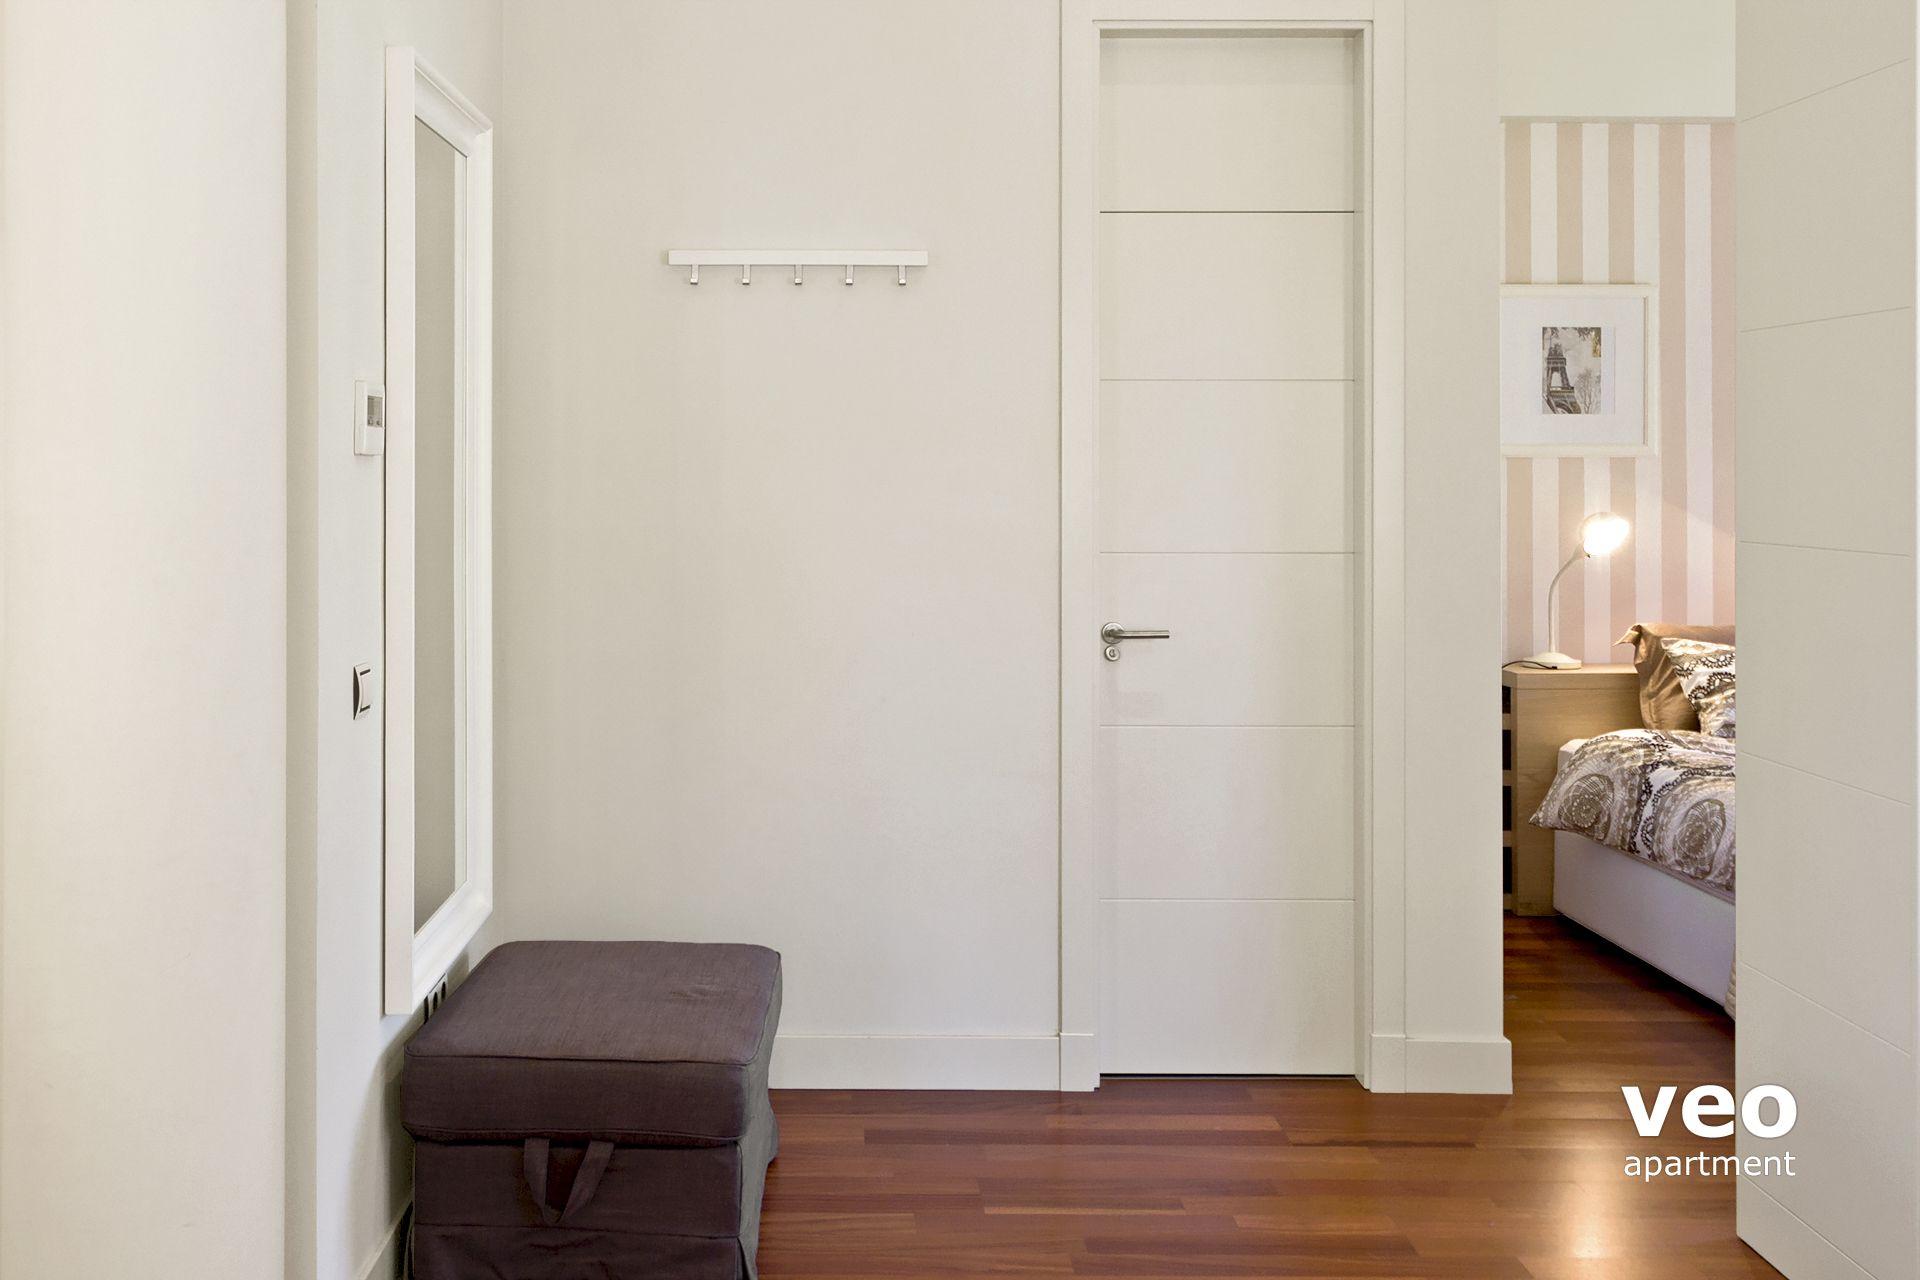 Sevilla Ferienwohnung   The Door In Front Opens To The Bathroom.